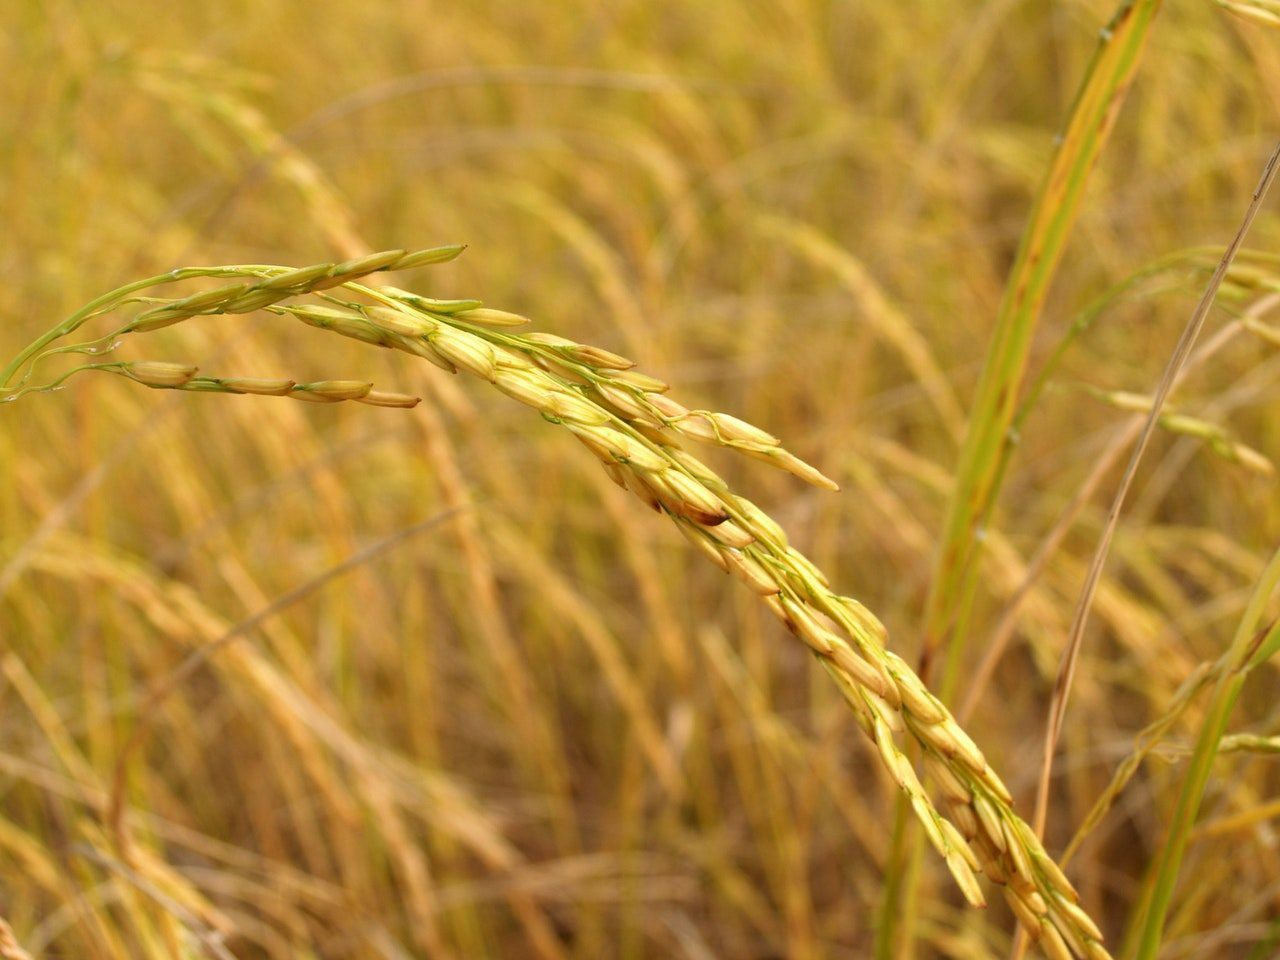 Colombia có thể mất 60% diện tích đất trồng lúa vào những năm 2050 vì biến đổi khí hậu - Ảnh 1.